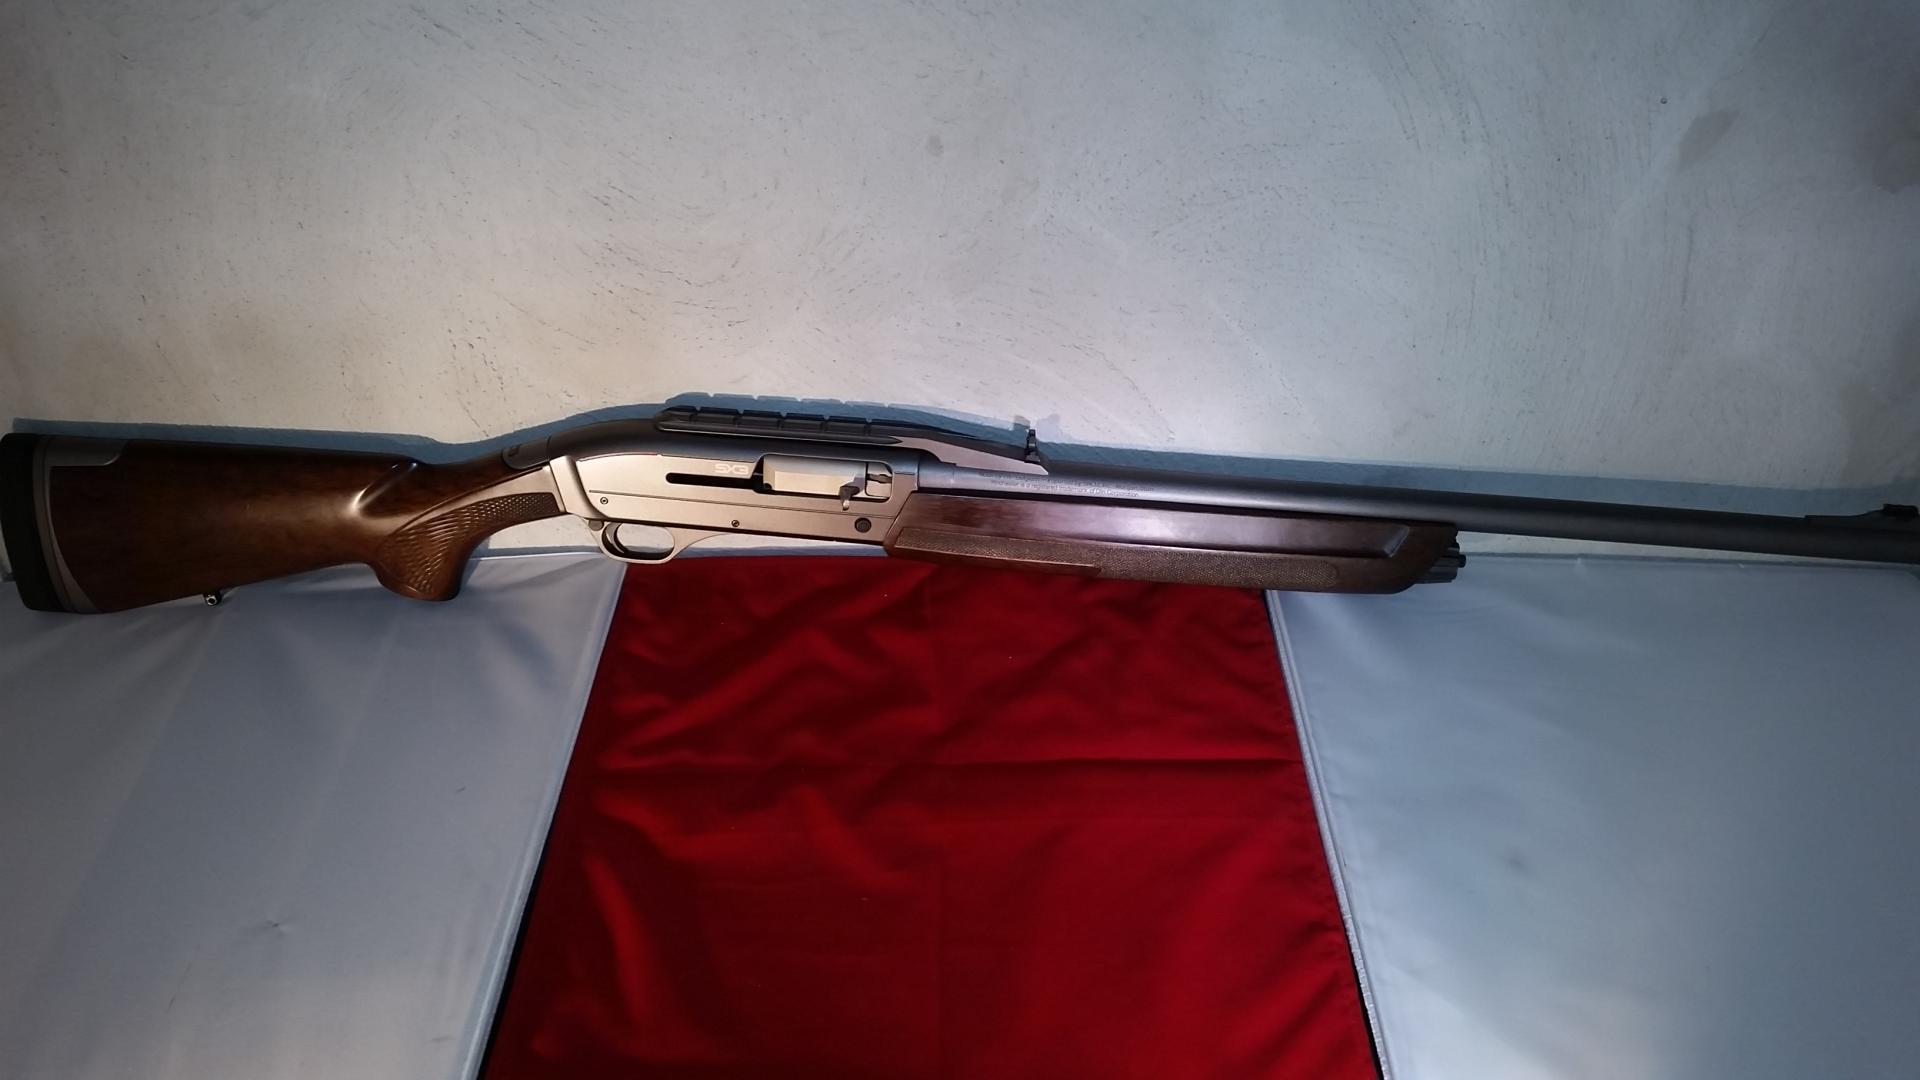 Winchester sxp slug cal 12